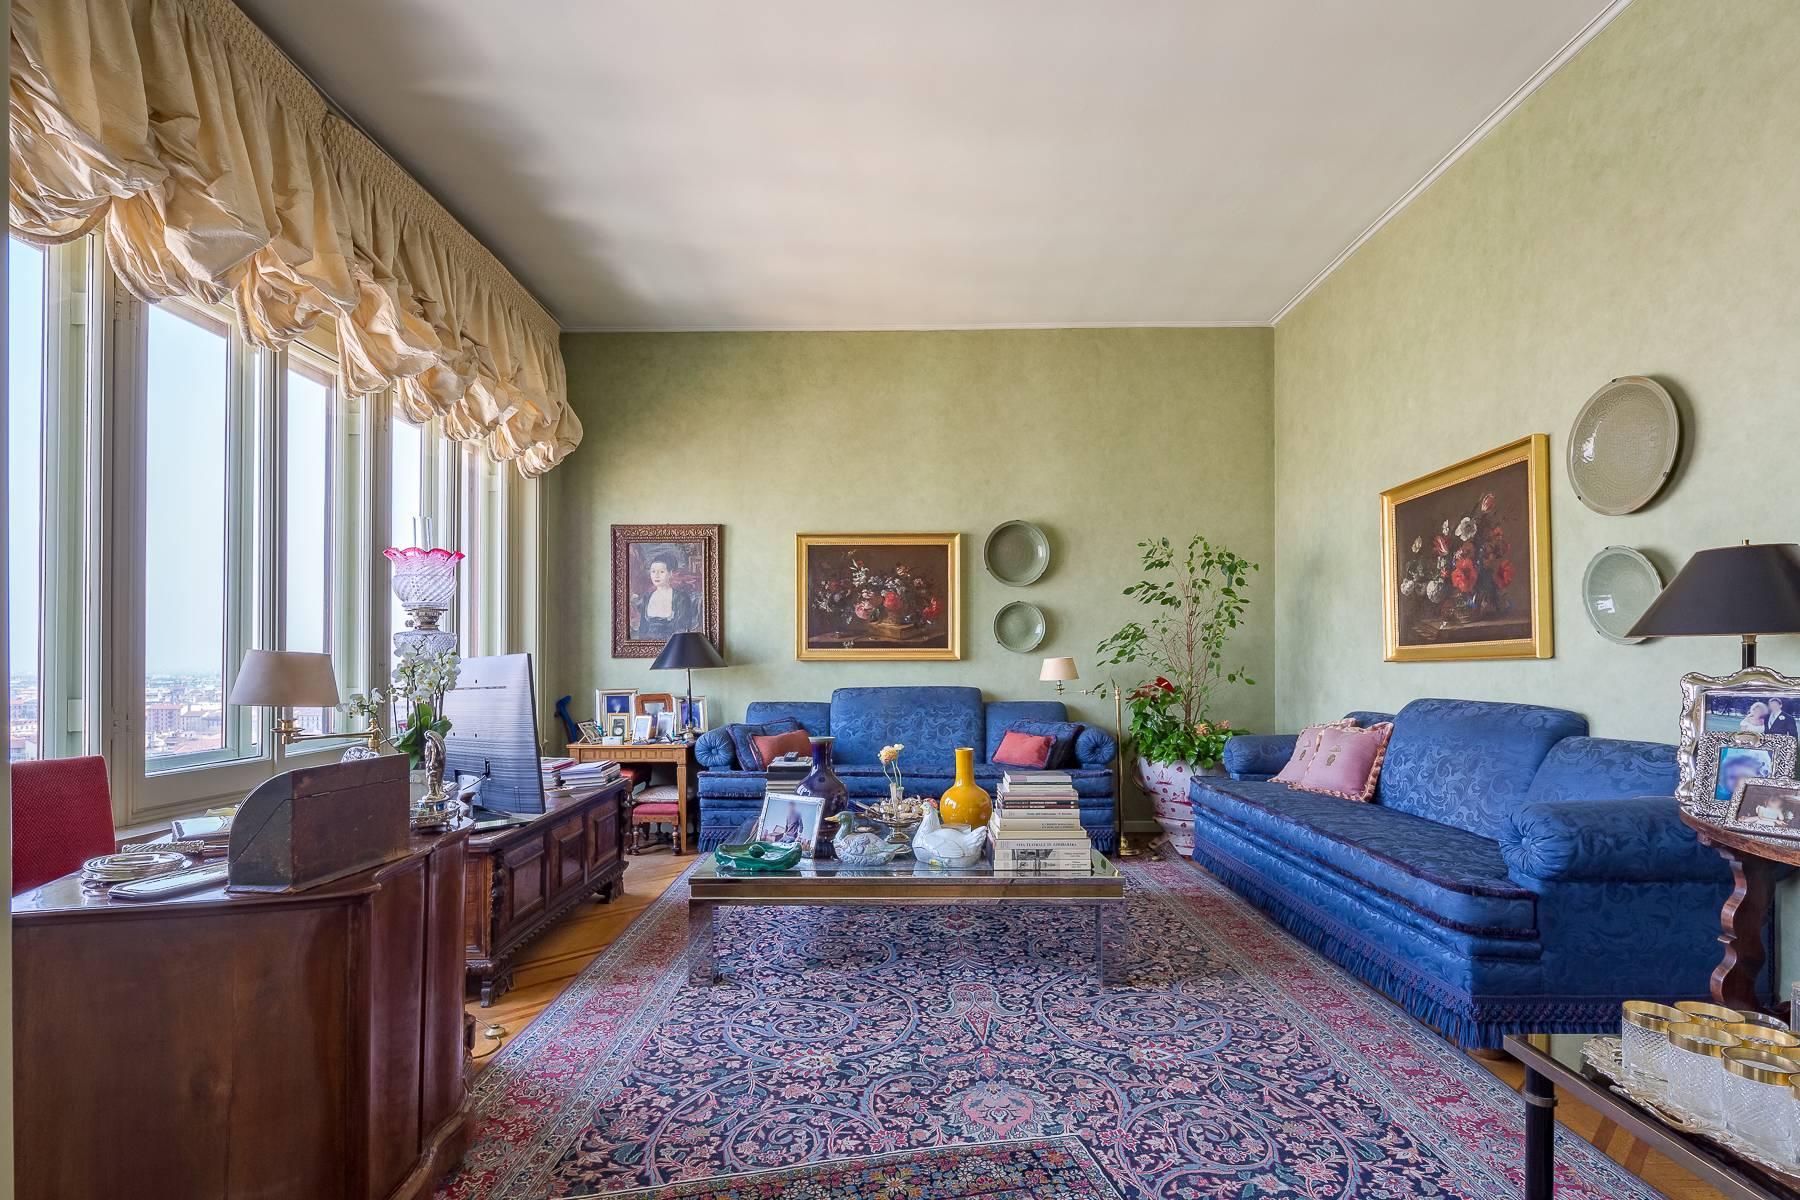 位于米兰中心区域带露台的精美顶层复式公寓 - 5